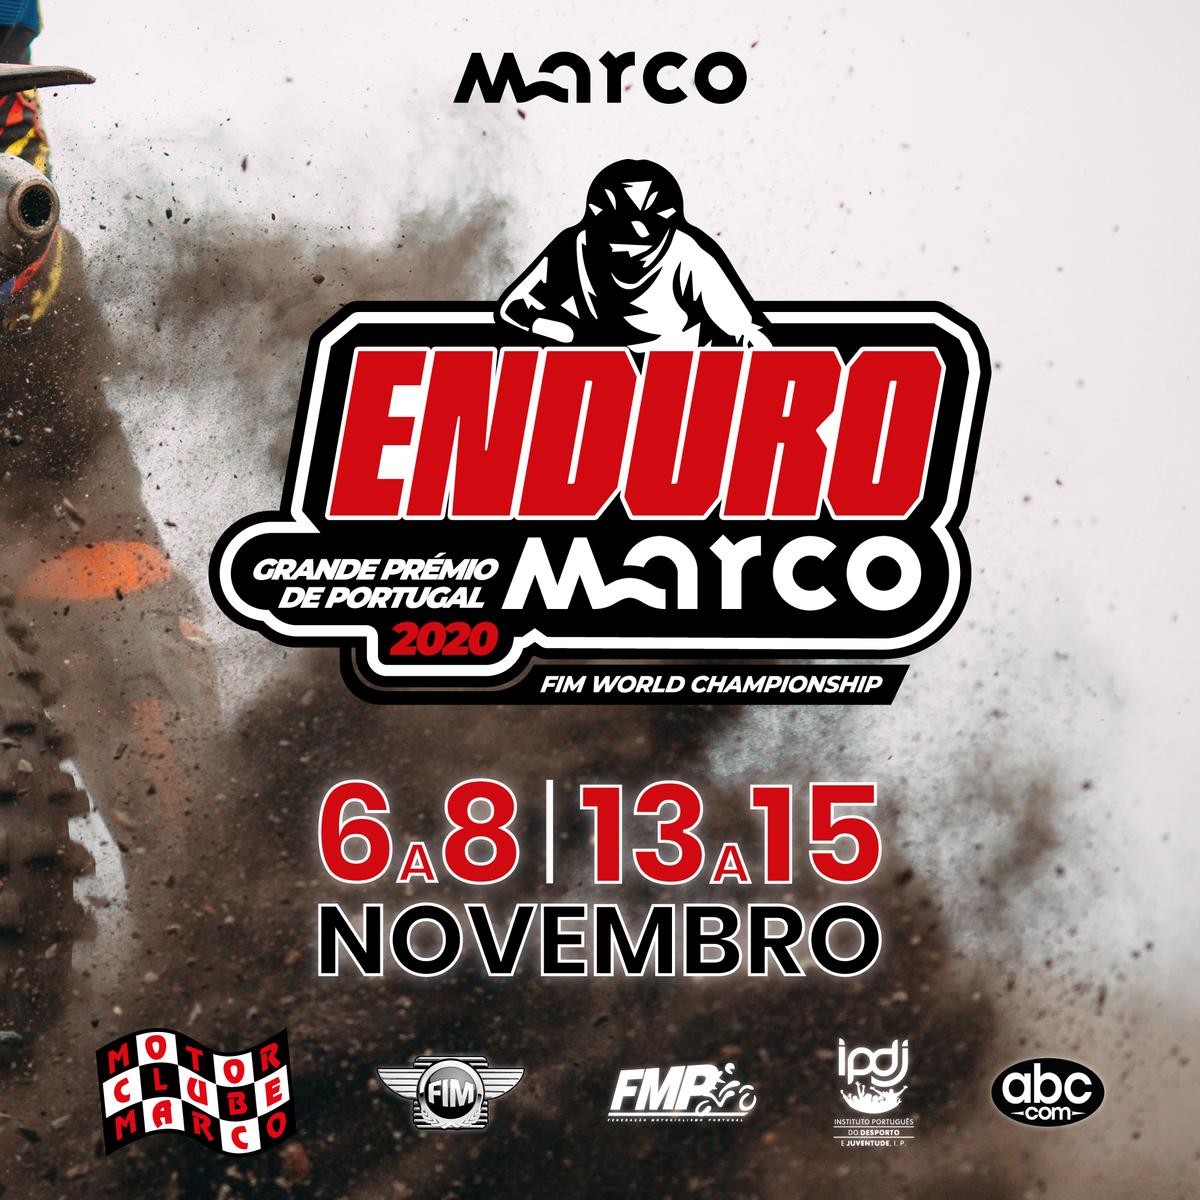 Imagem capa - Marco de Canaveses vai acolher duas provas do calendário do Campeonato do Mundo de Enduro 2020 por Motor Clube do Marco